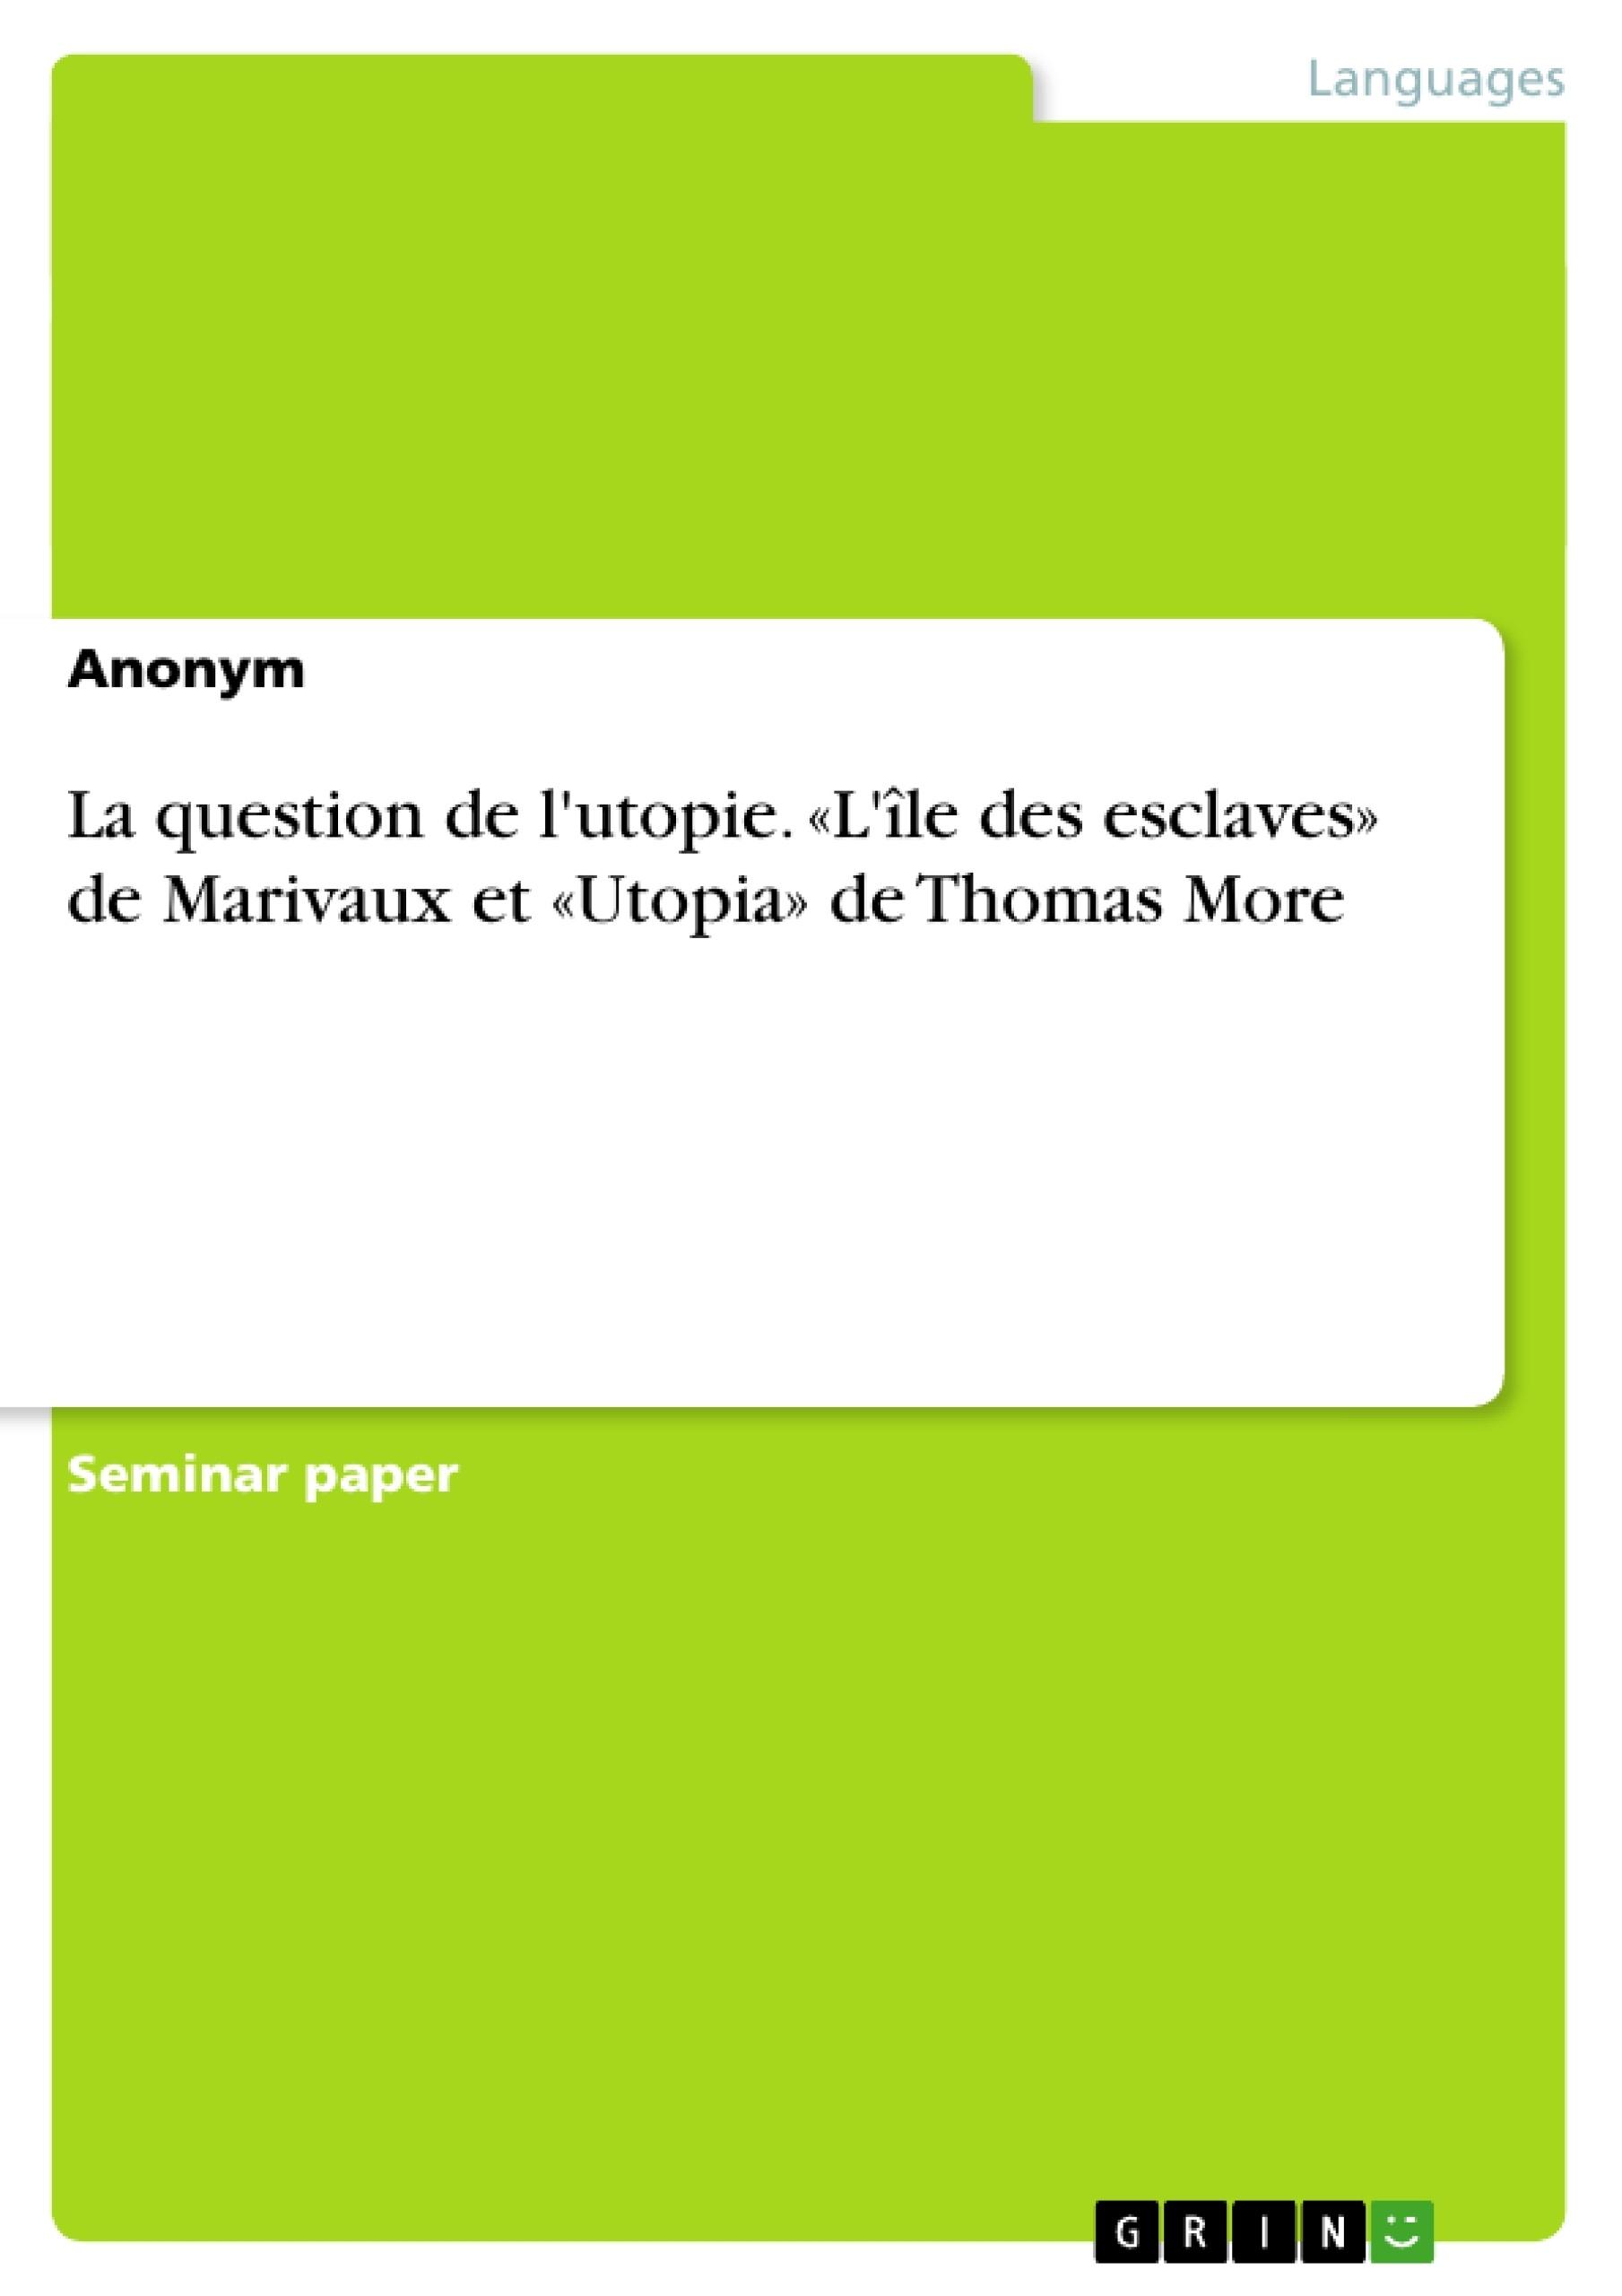 Titre: La question de l'utopie. «L'île des esclaves» de Marivaux et «Utopia» de Thomas More